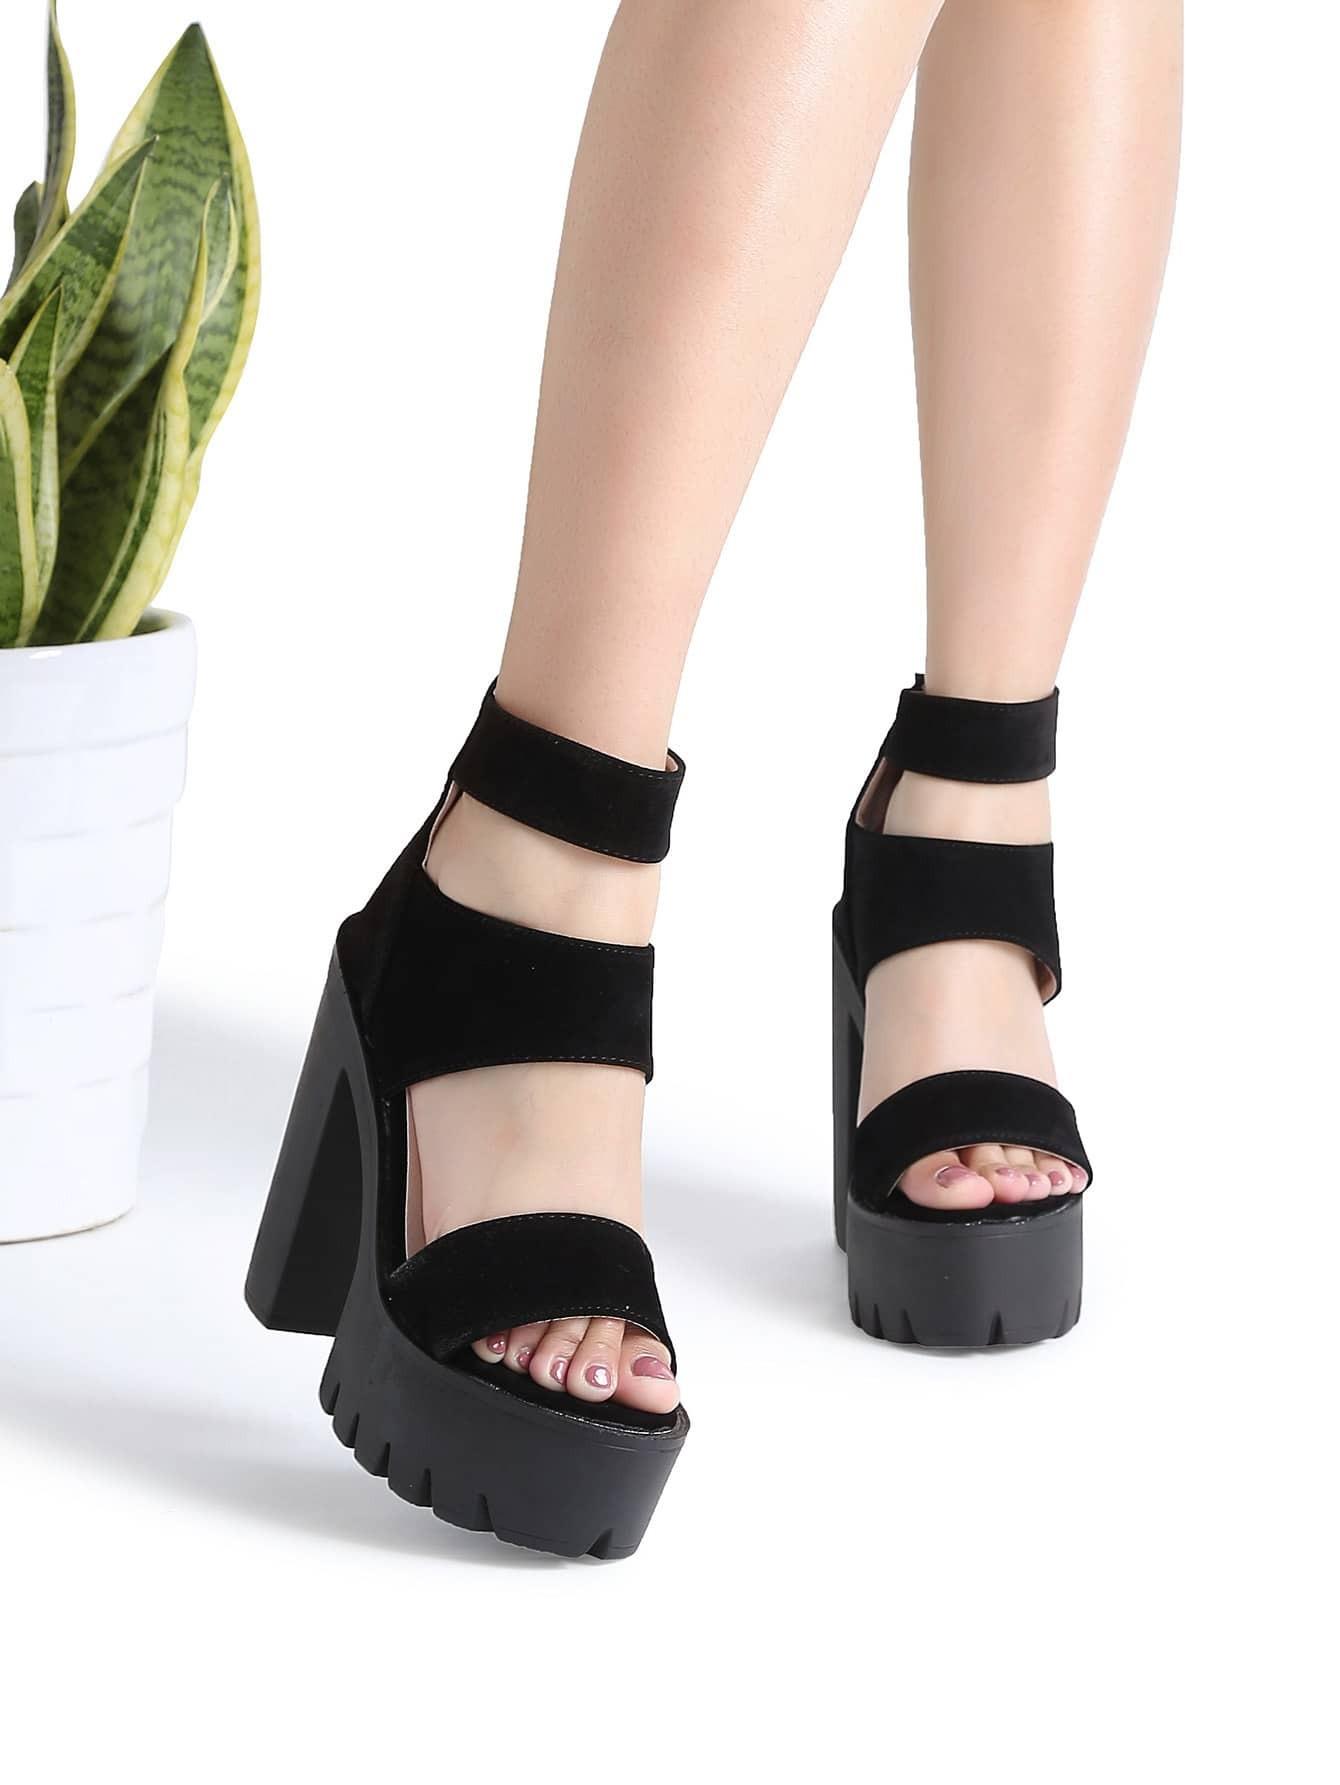 shoes170227803_2